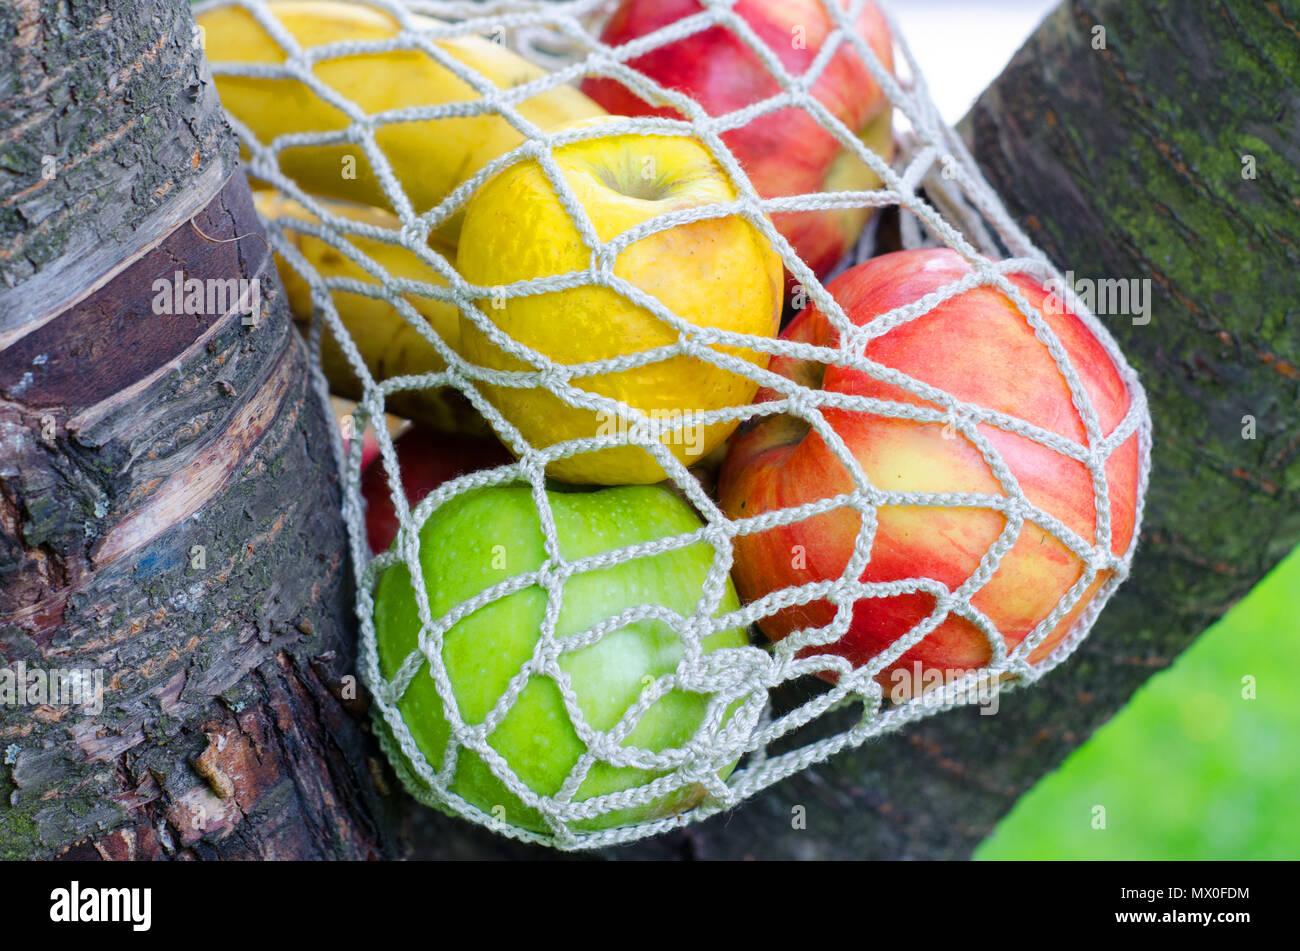 e41c35218 La cadena de moda bolsa con frutas. Bolsa de compras. Acercamiento a la  moda de diseño de estilo de vida. Fruta fresca. Bolsa de tela. Bolsa  ecológica ...